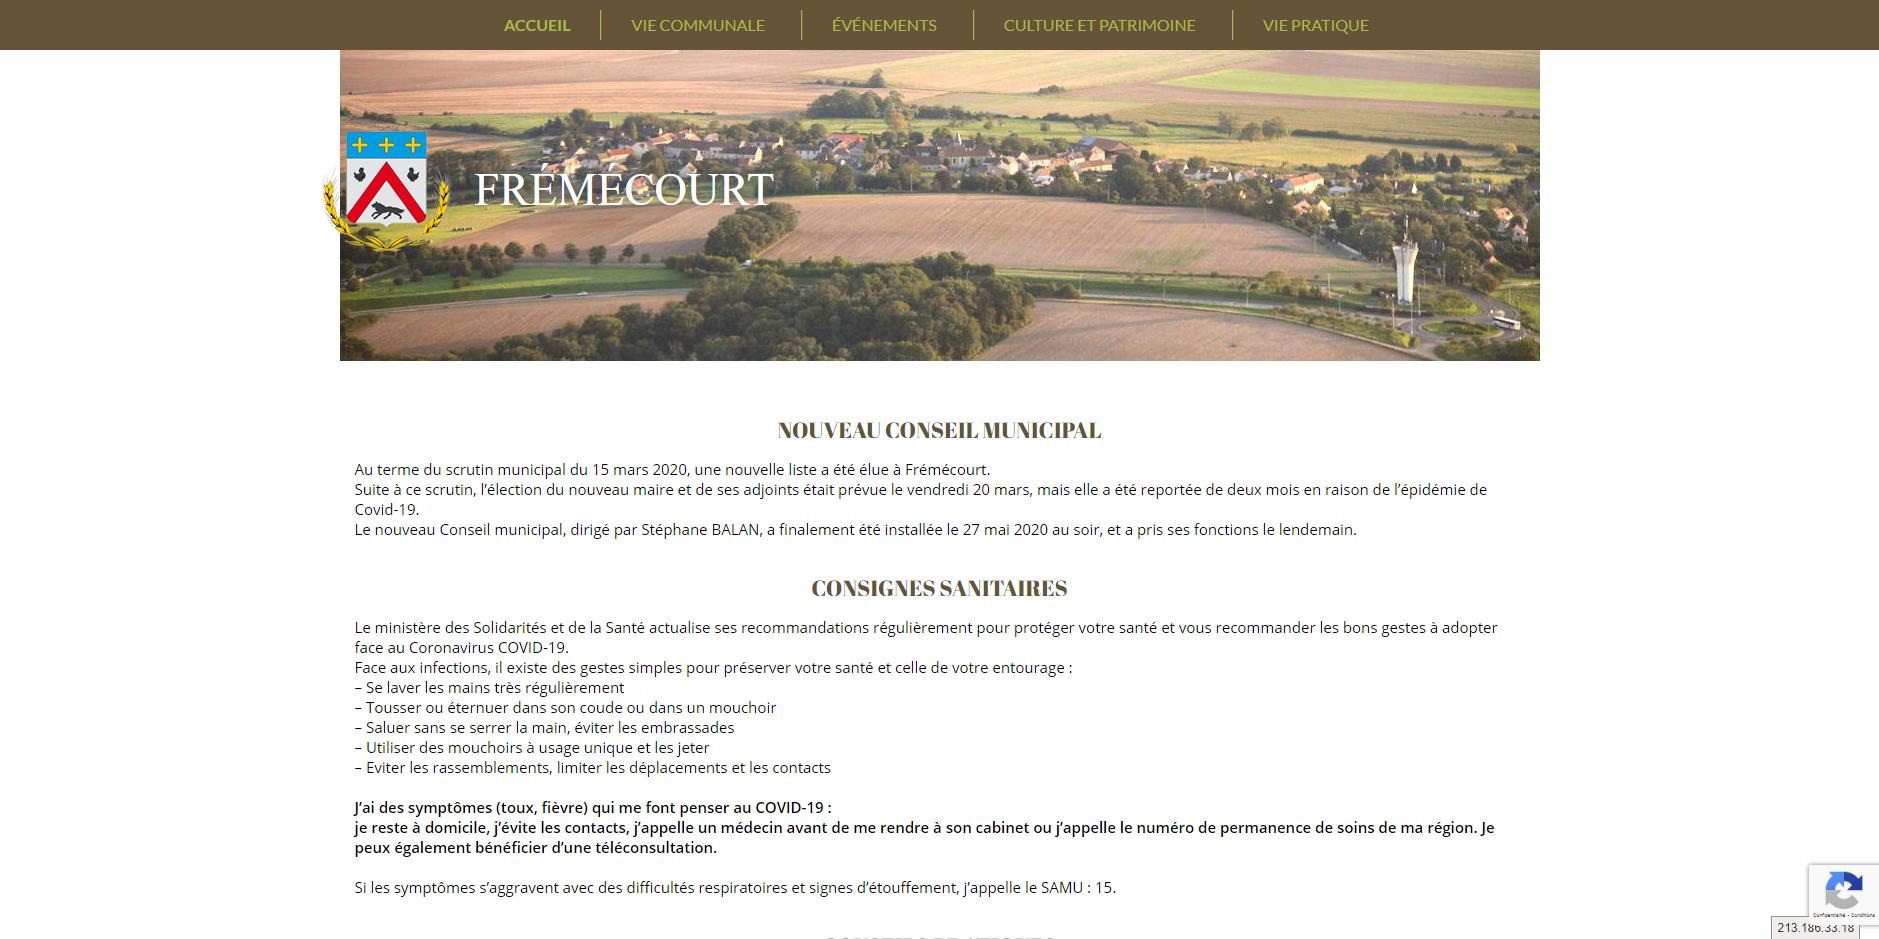 site de Frémecourt